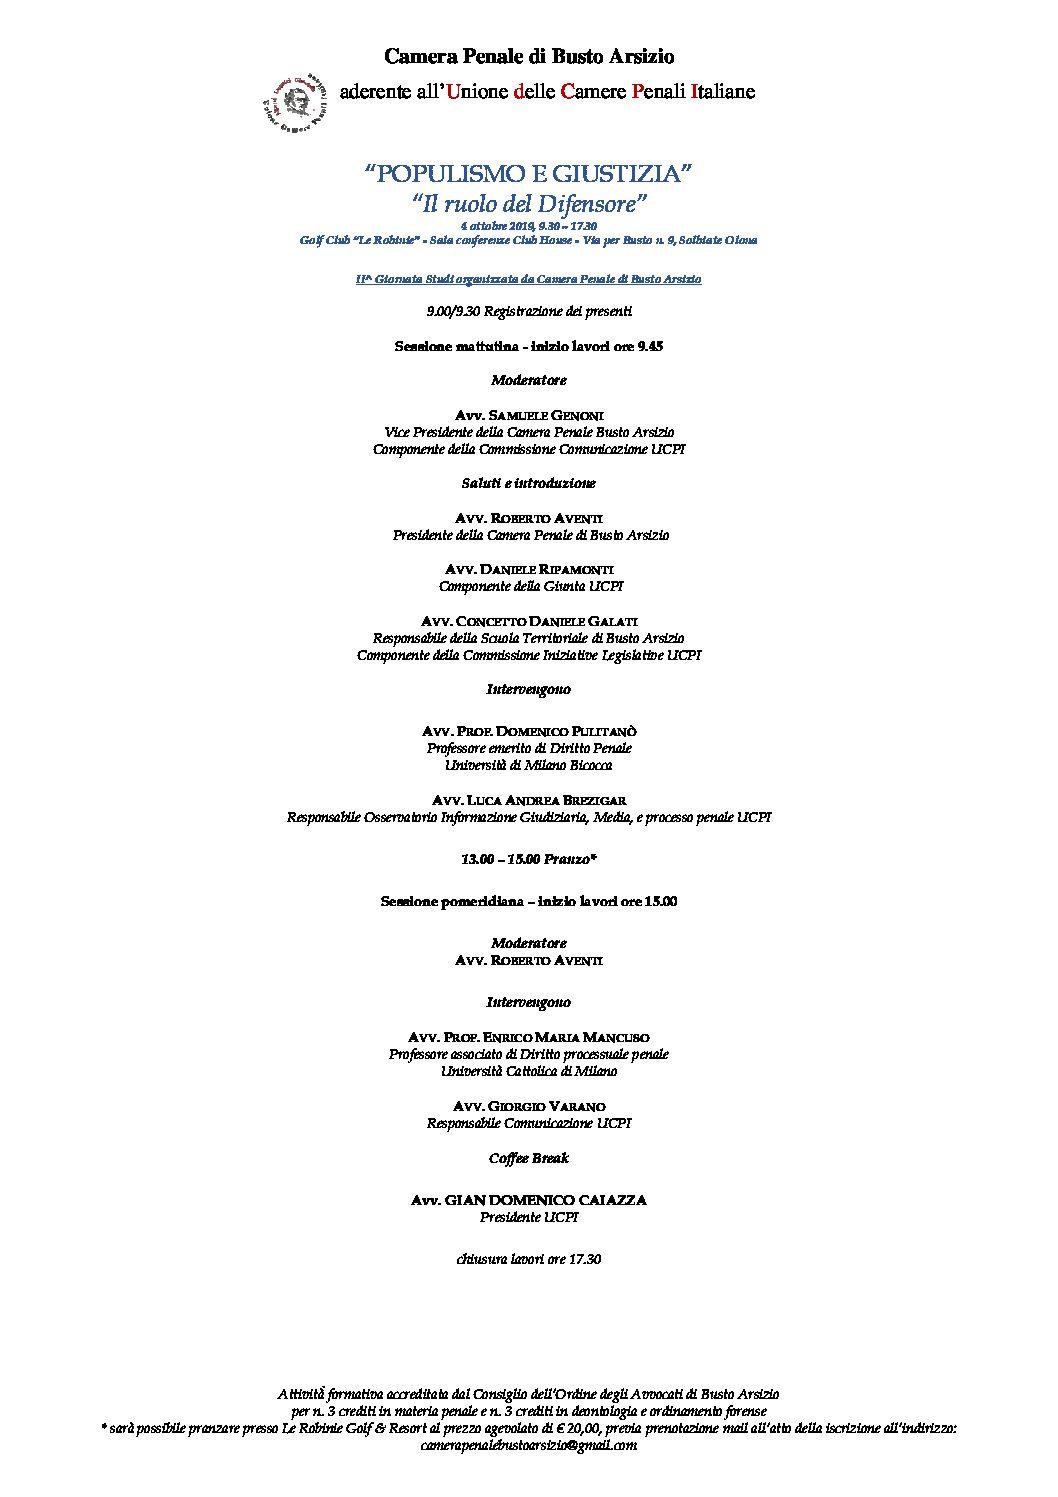 """Convegno """"Populismo e Giustizia. Il ruolo del Difensore"""" II Giornata Studi organizzata dalla Camera Penale di Busto Arsizio – 4 ottobre 2019"""